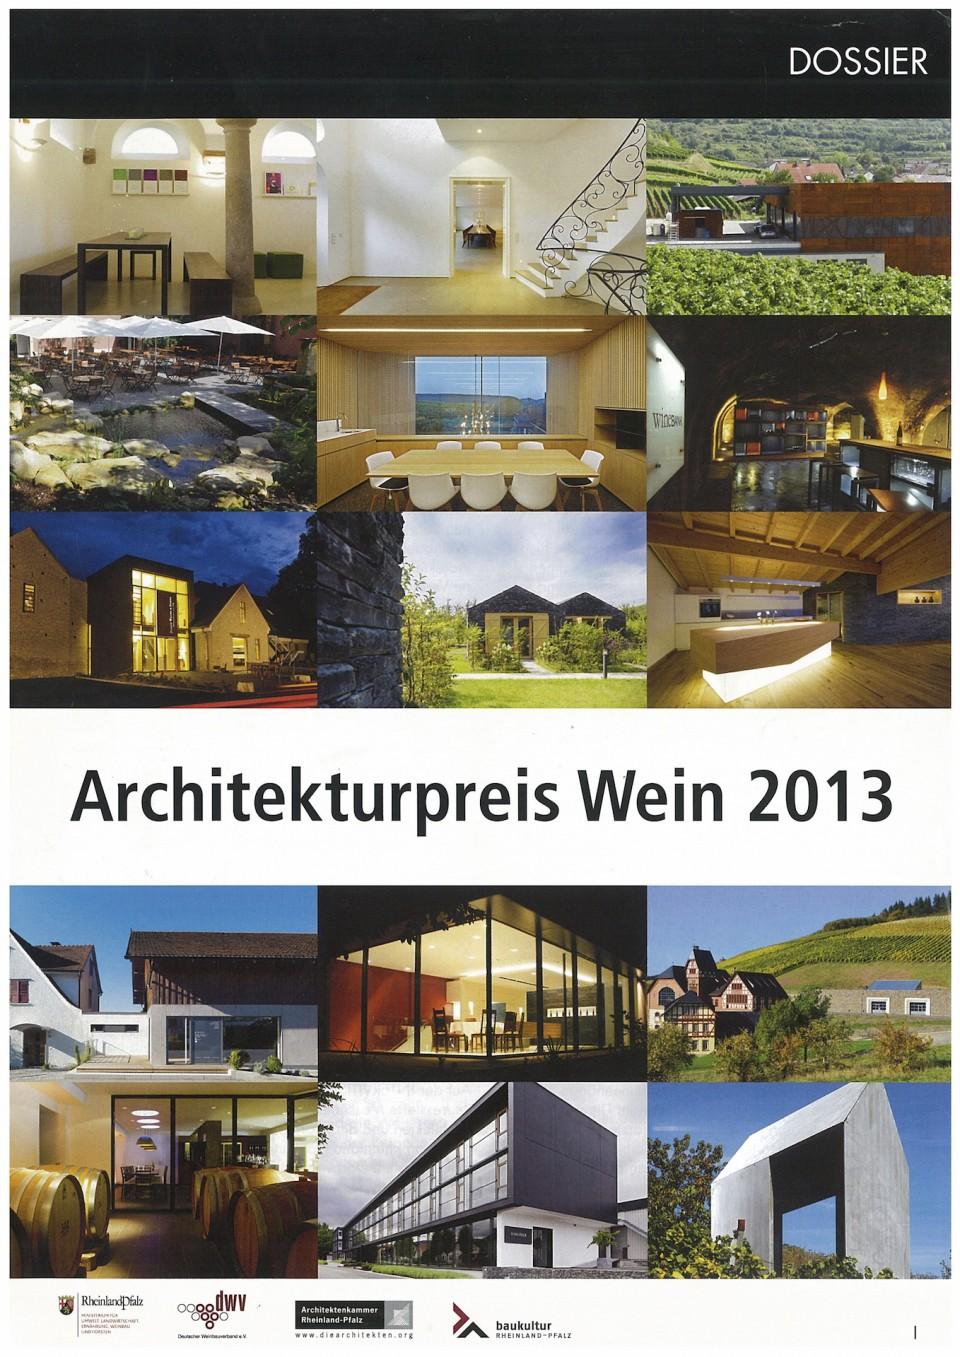 Das Weinberghaus beim Architekturpreis Wein